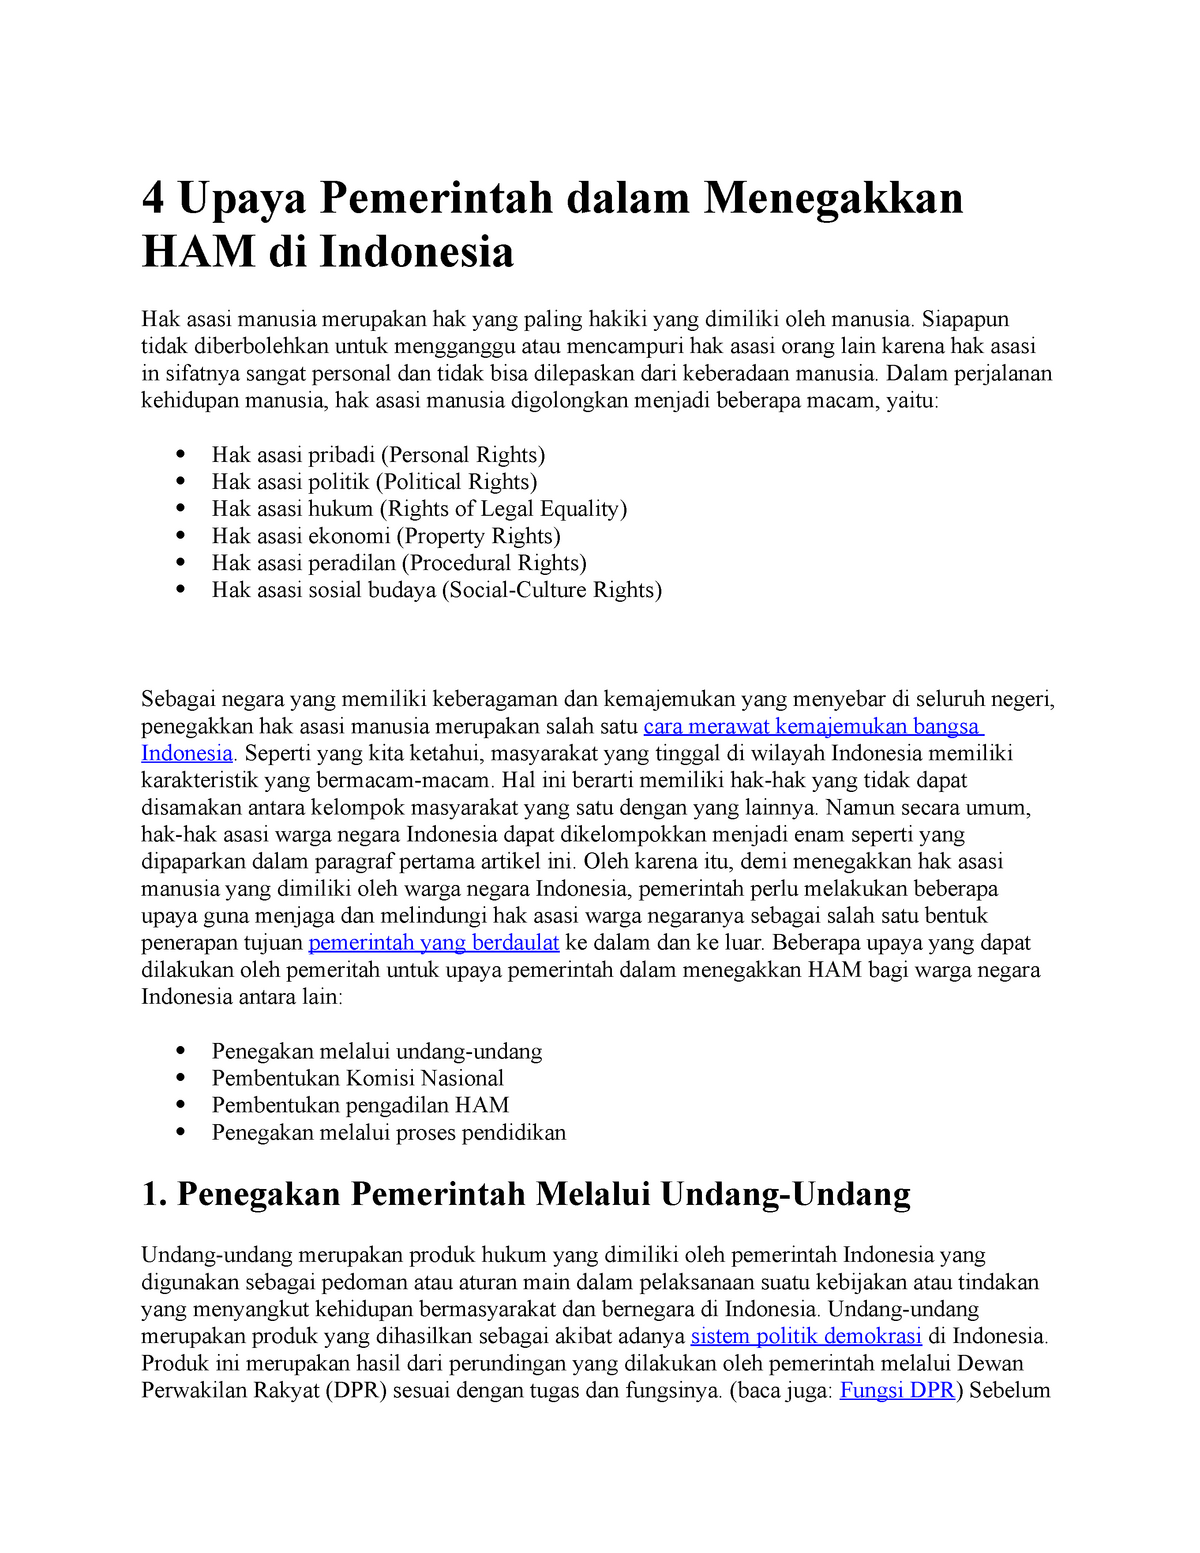 4 Upaya Pemerintah Dalam Menegakkan Ham Di Indonesia Studocu